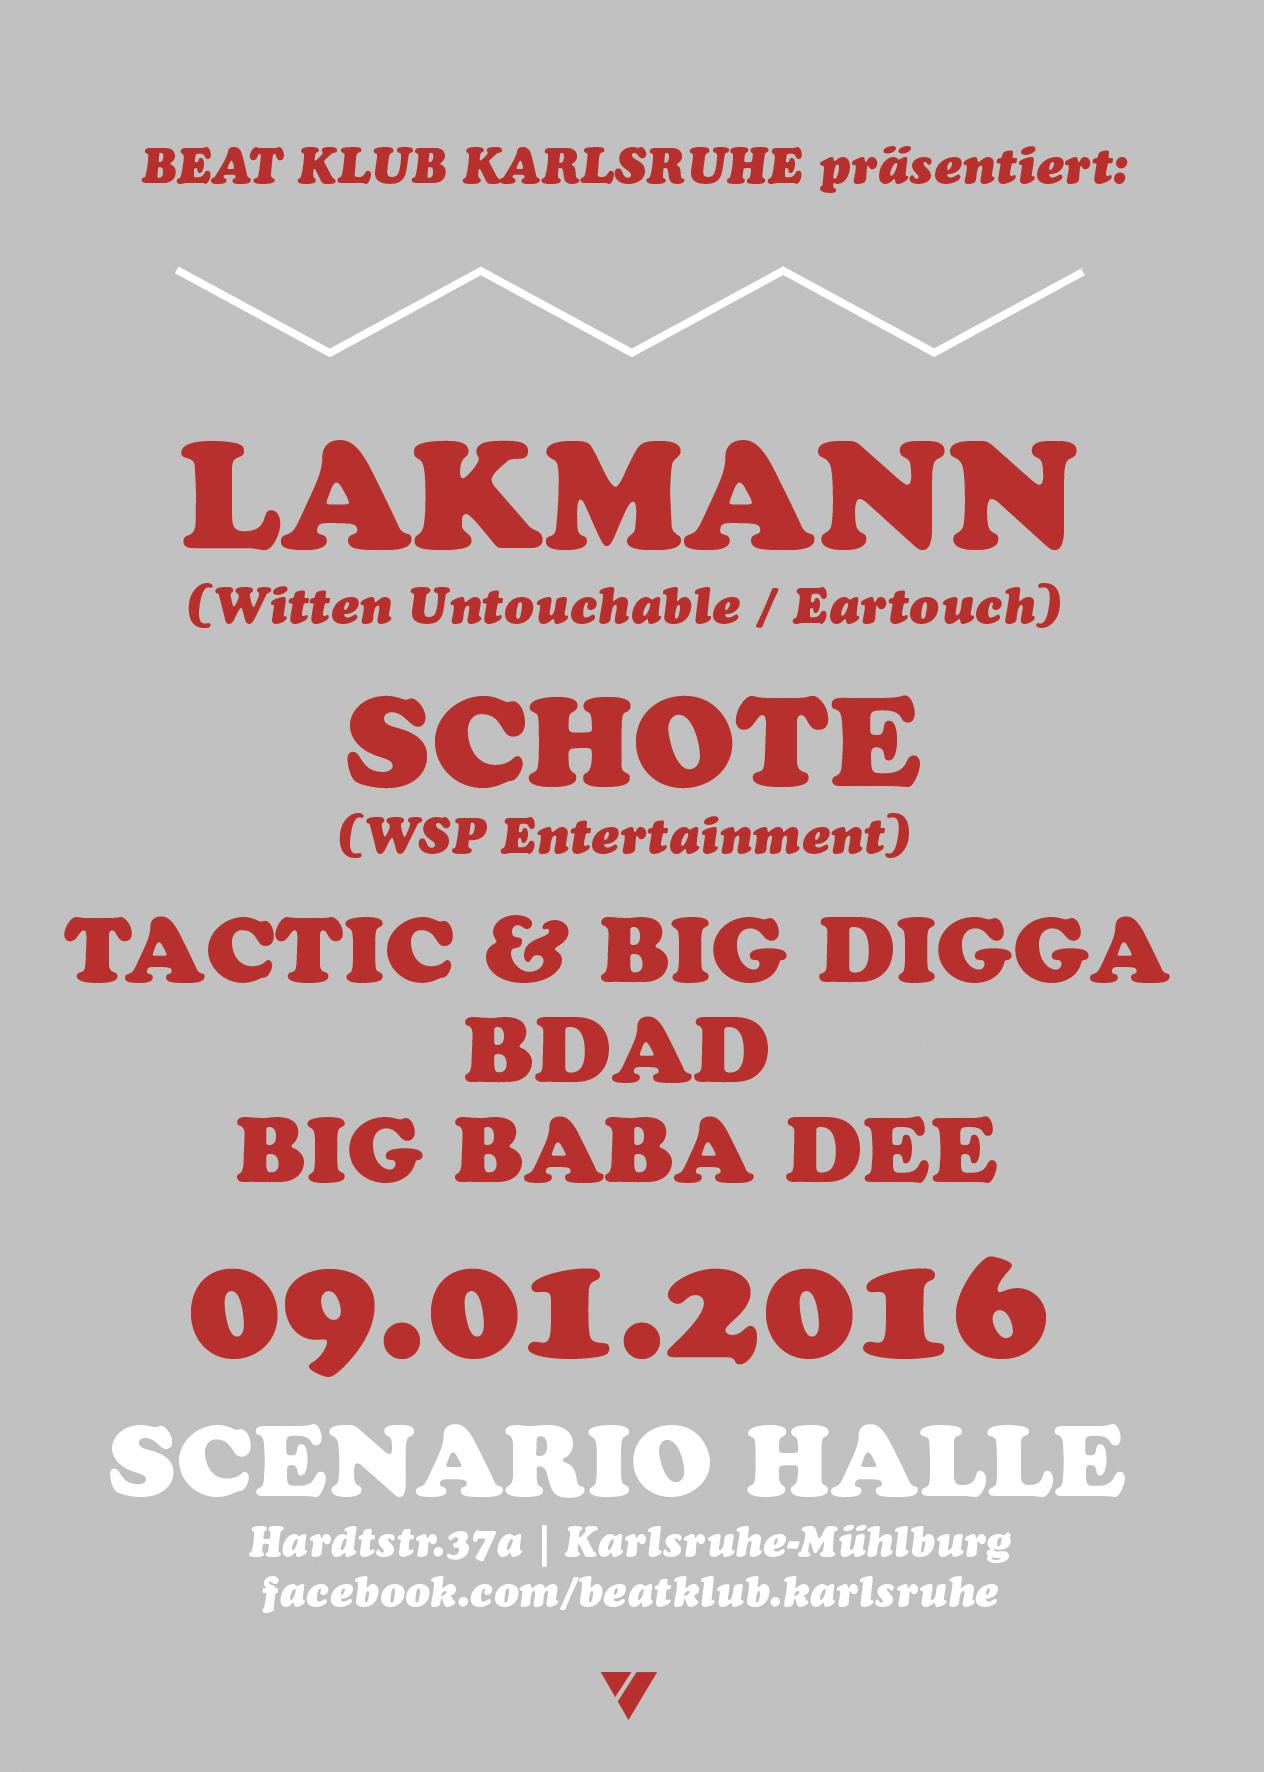 09.01.2016 | Beat Klub pres. LAKMANN Live!!